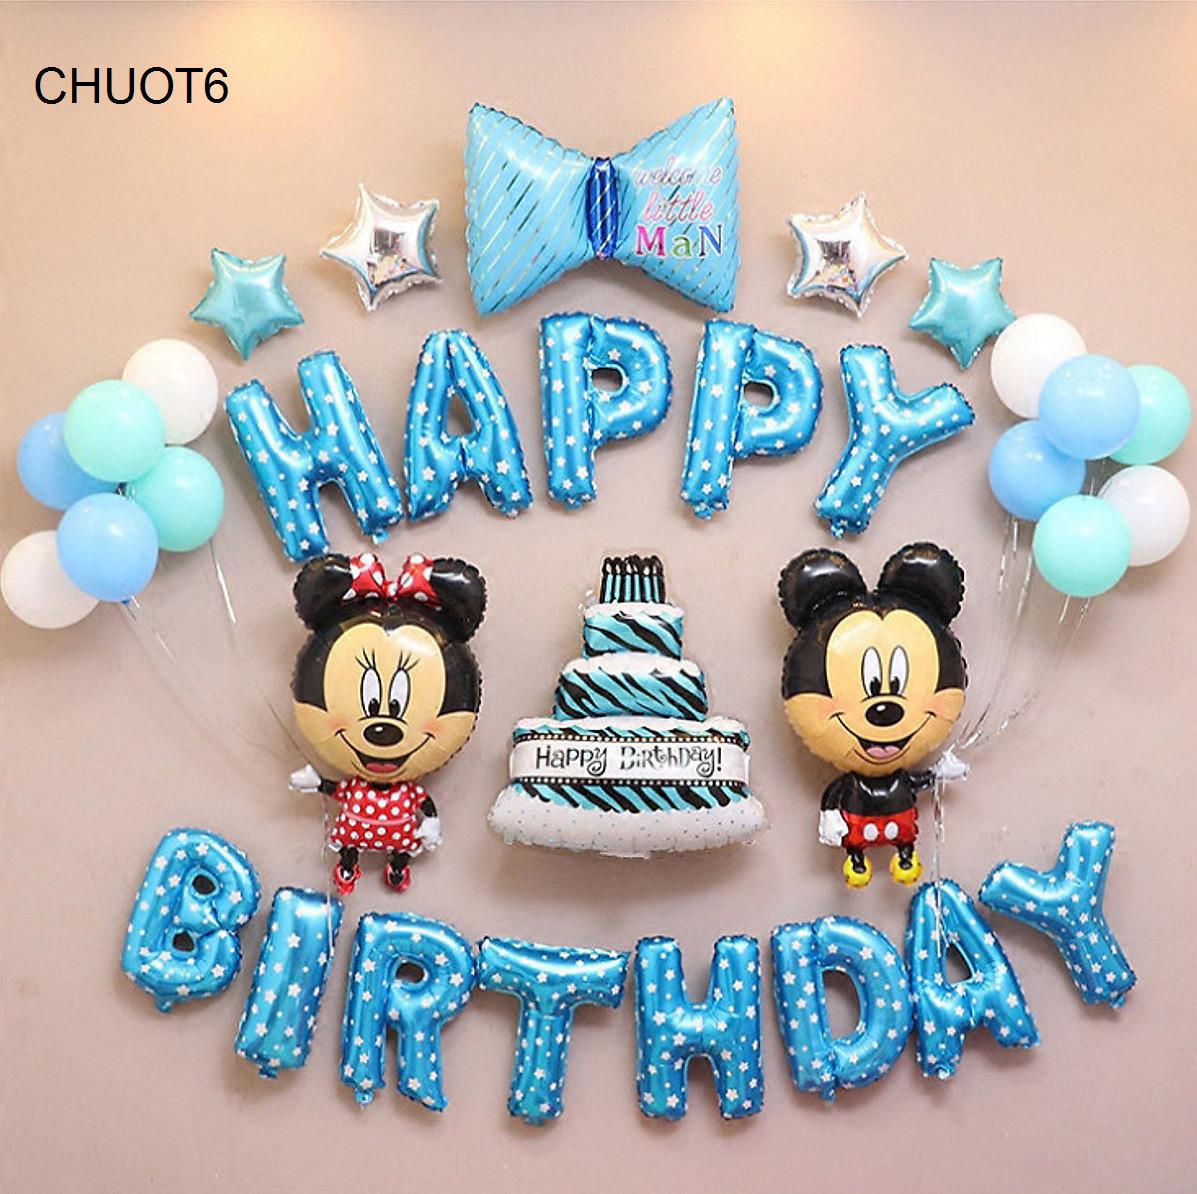 Bộ bóng trang trí sinh nhật cho bé chủ đề chuột mickey